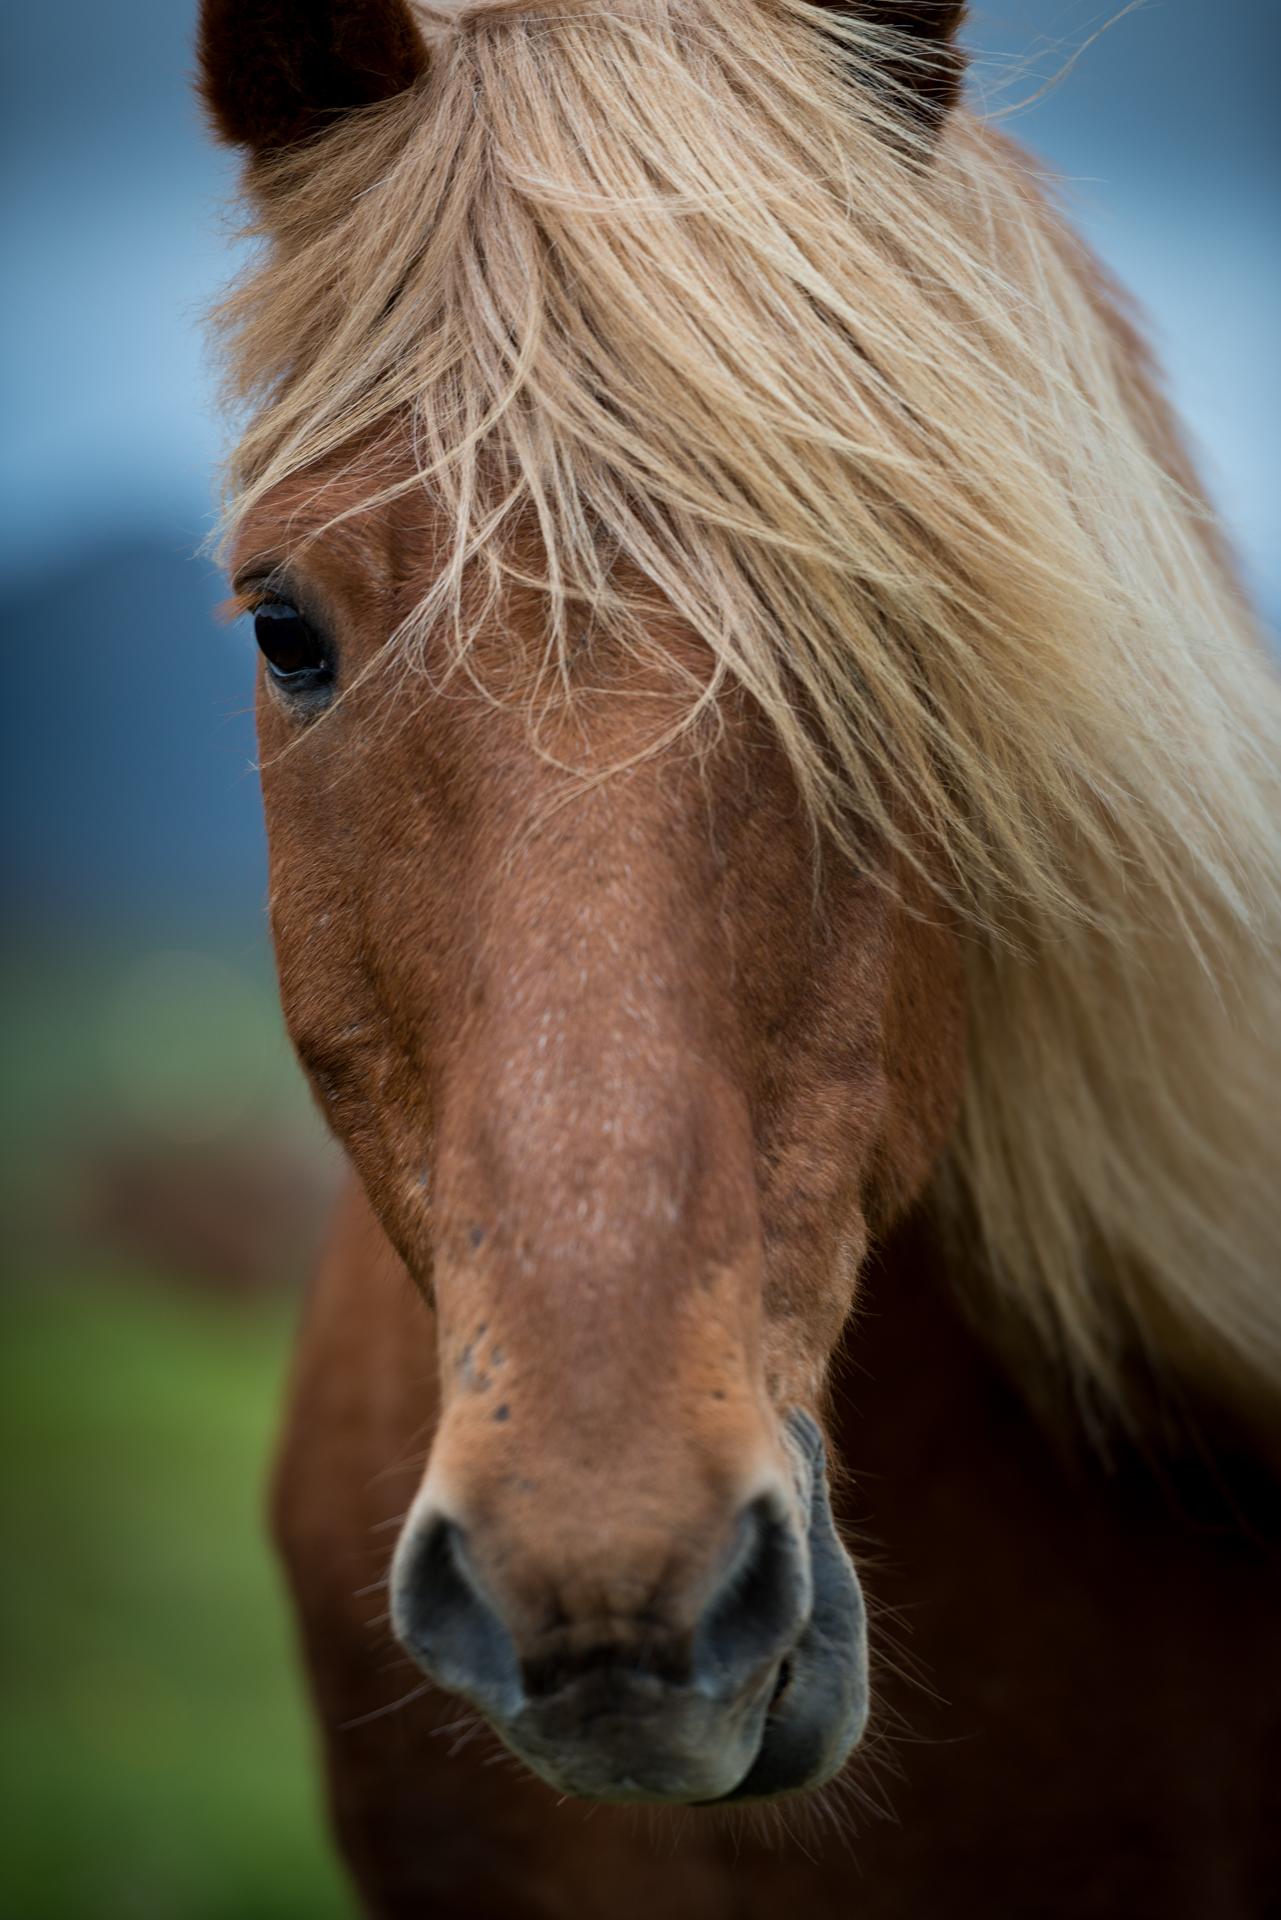 Horse_3_NoBorder.jpg